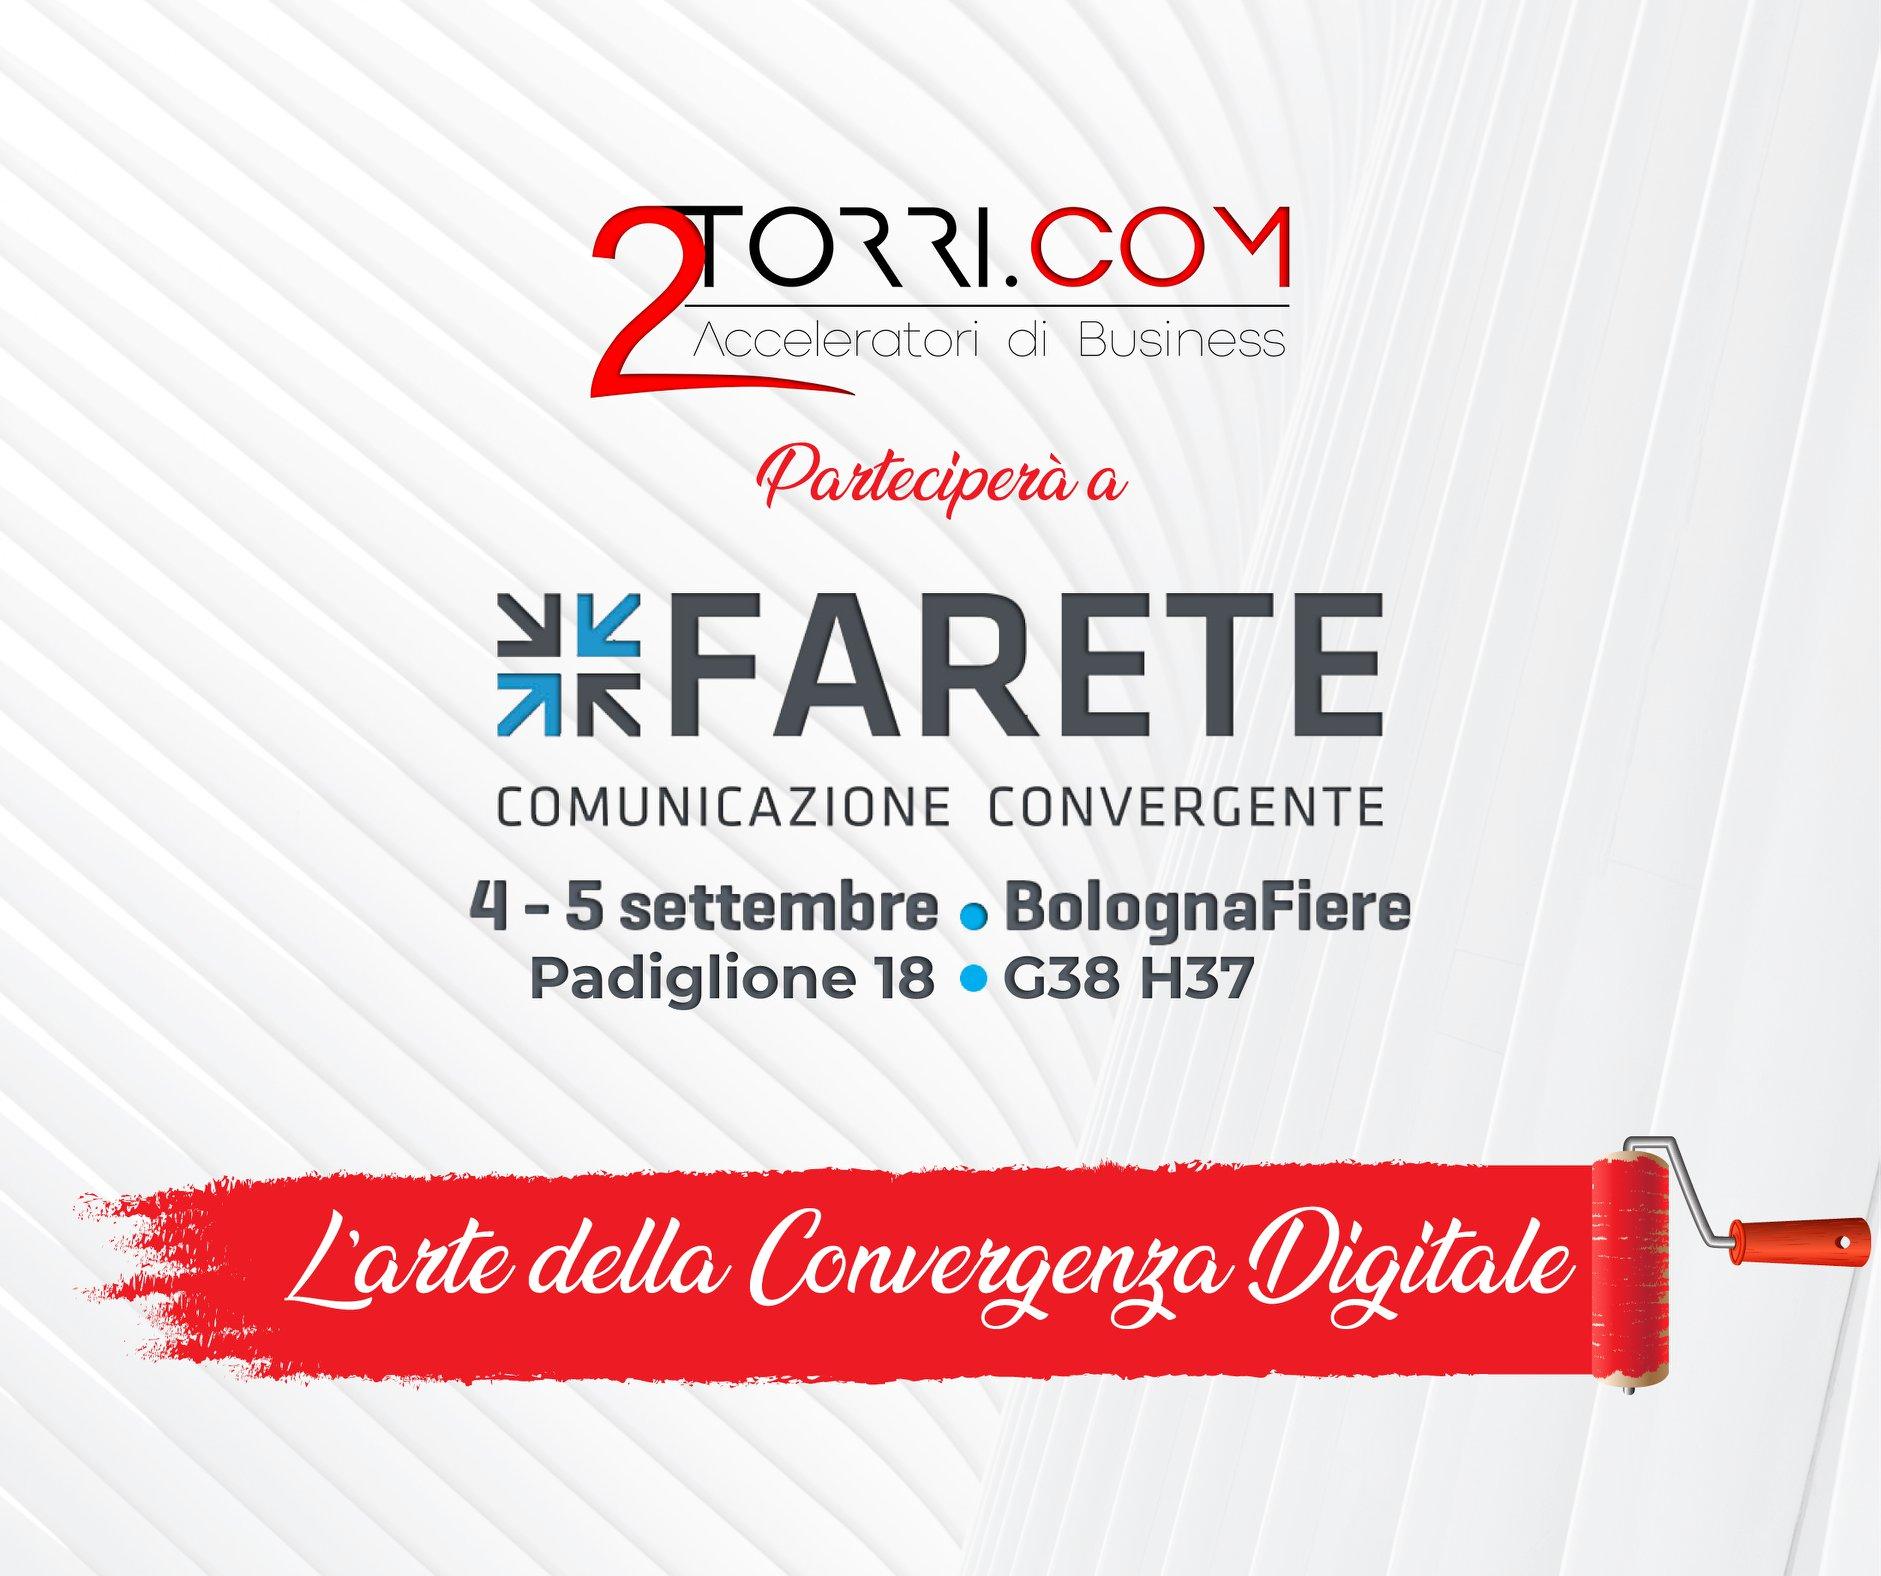 2-TORRI.com a FARETE 2019